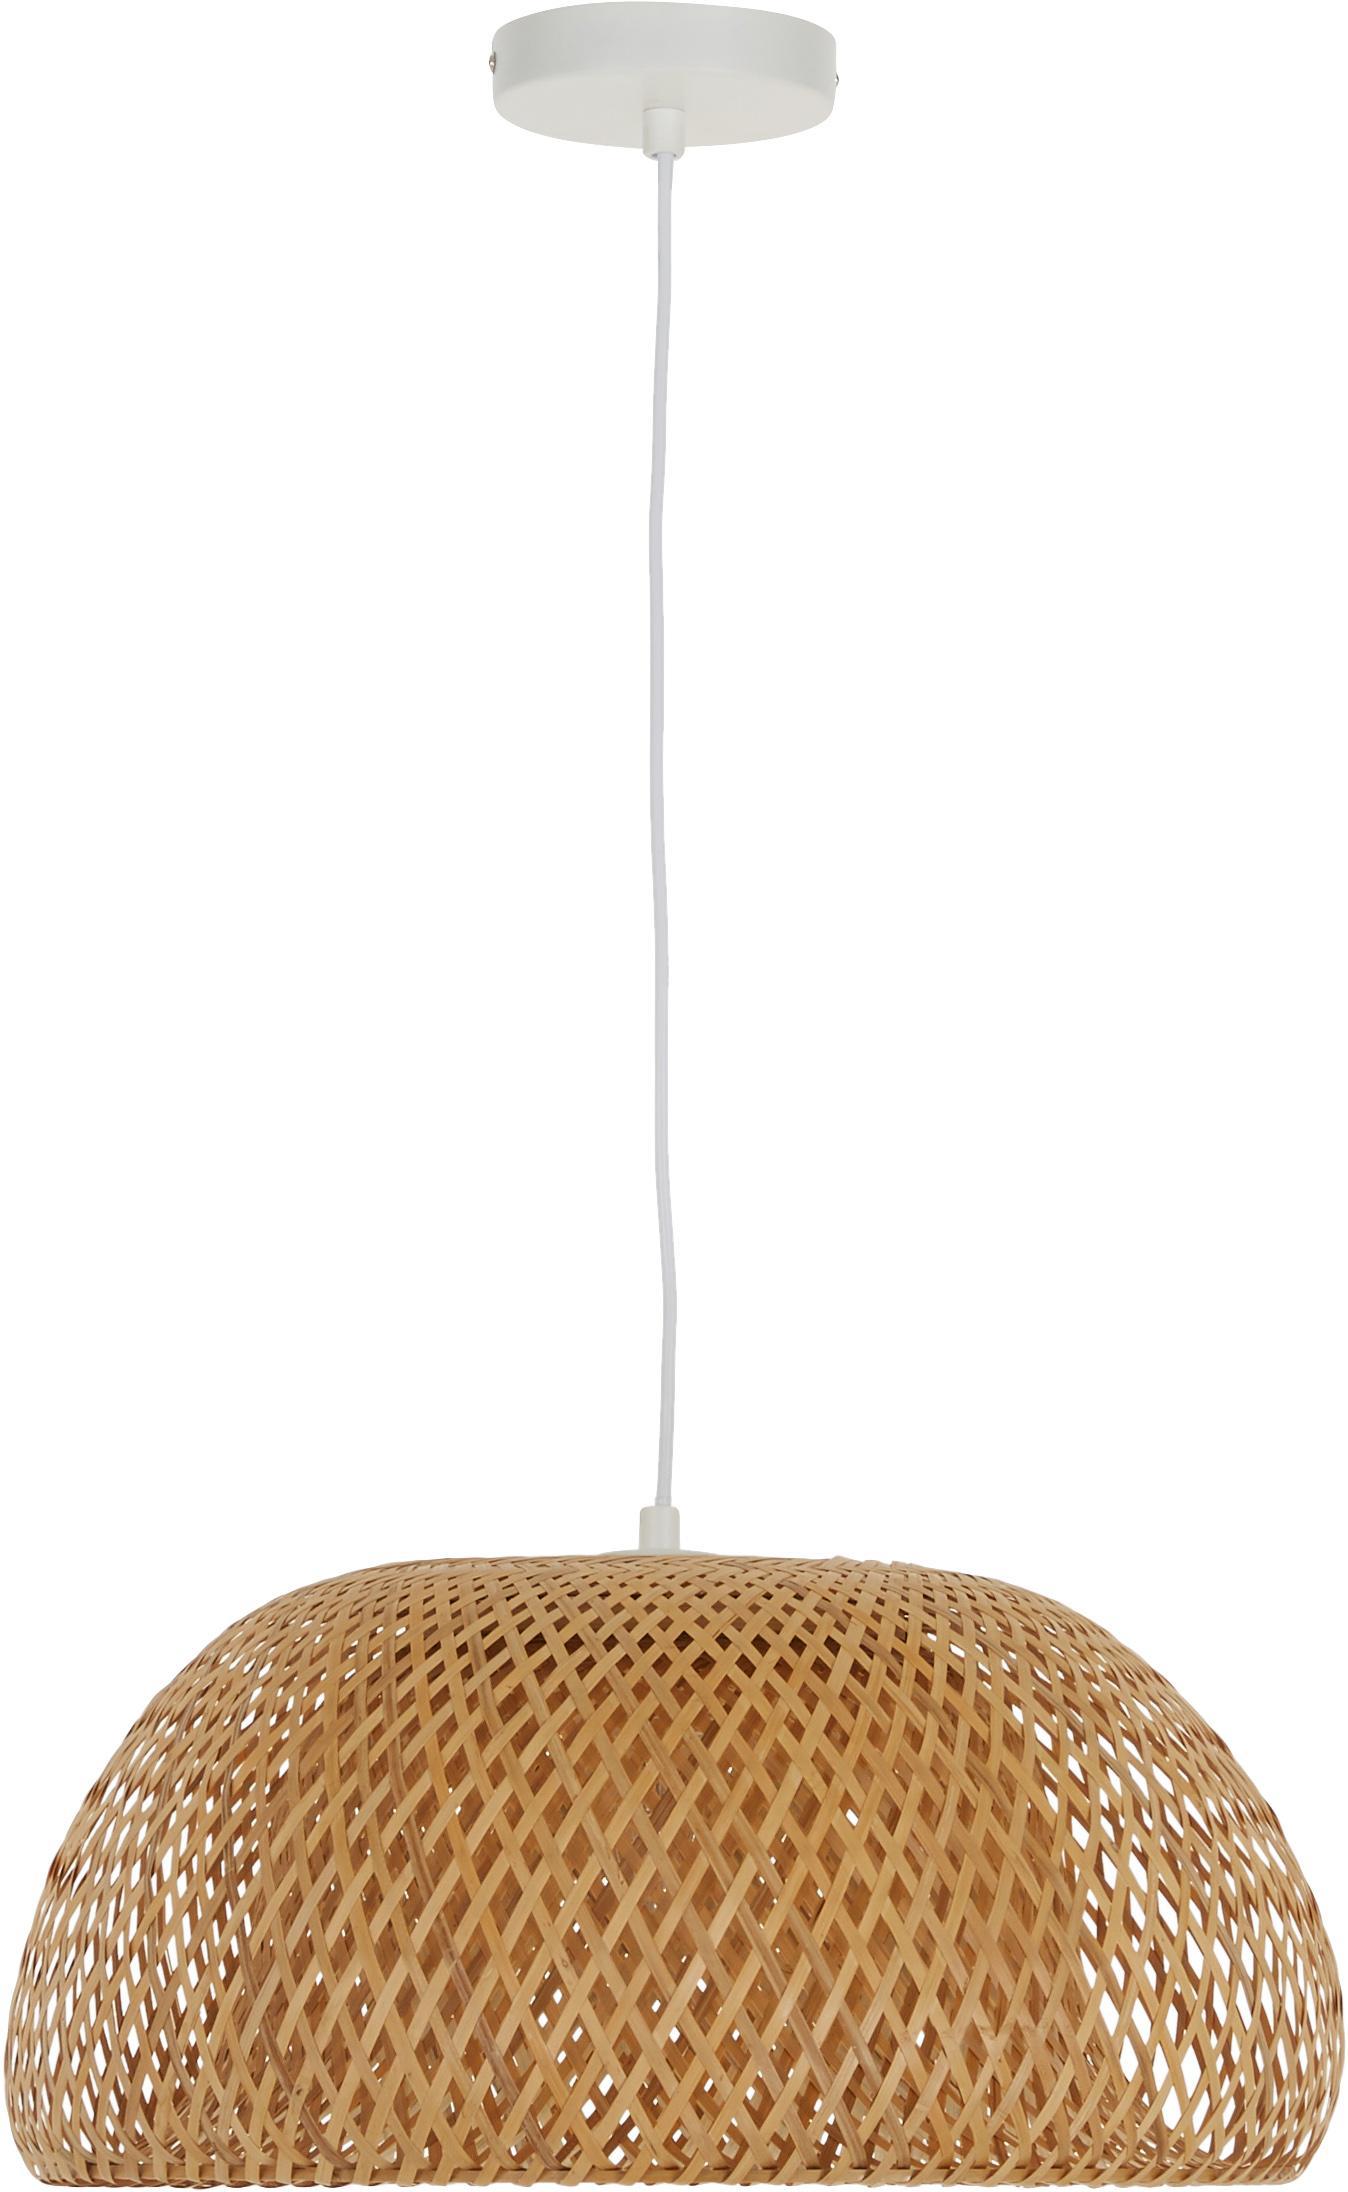 Handgemachte Pendelleuchte Eden aus Bambus, Lampenschirm: Bambus, Bambus, ∅ 55 x H 27 cm